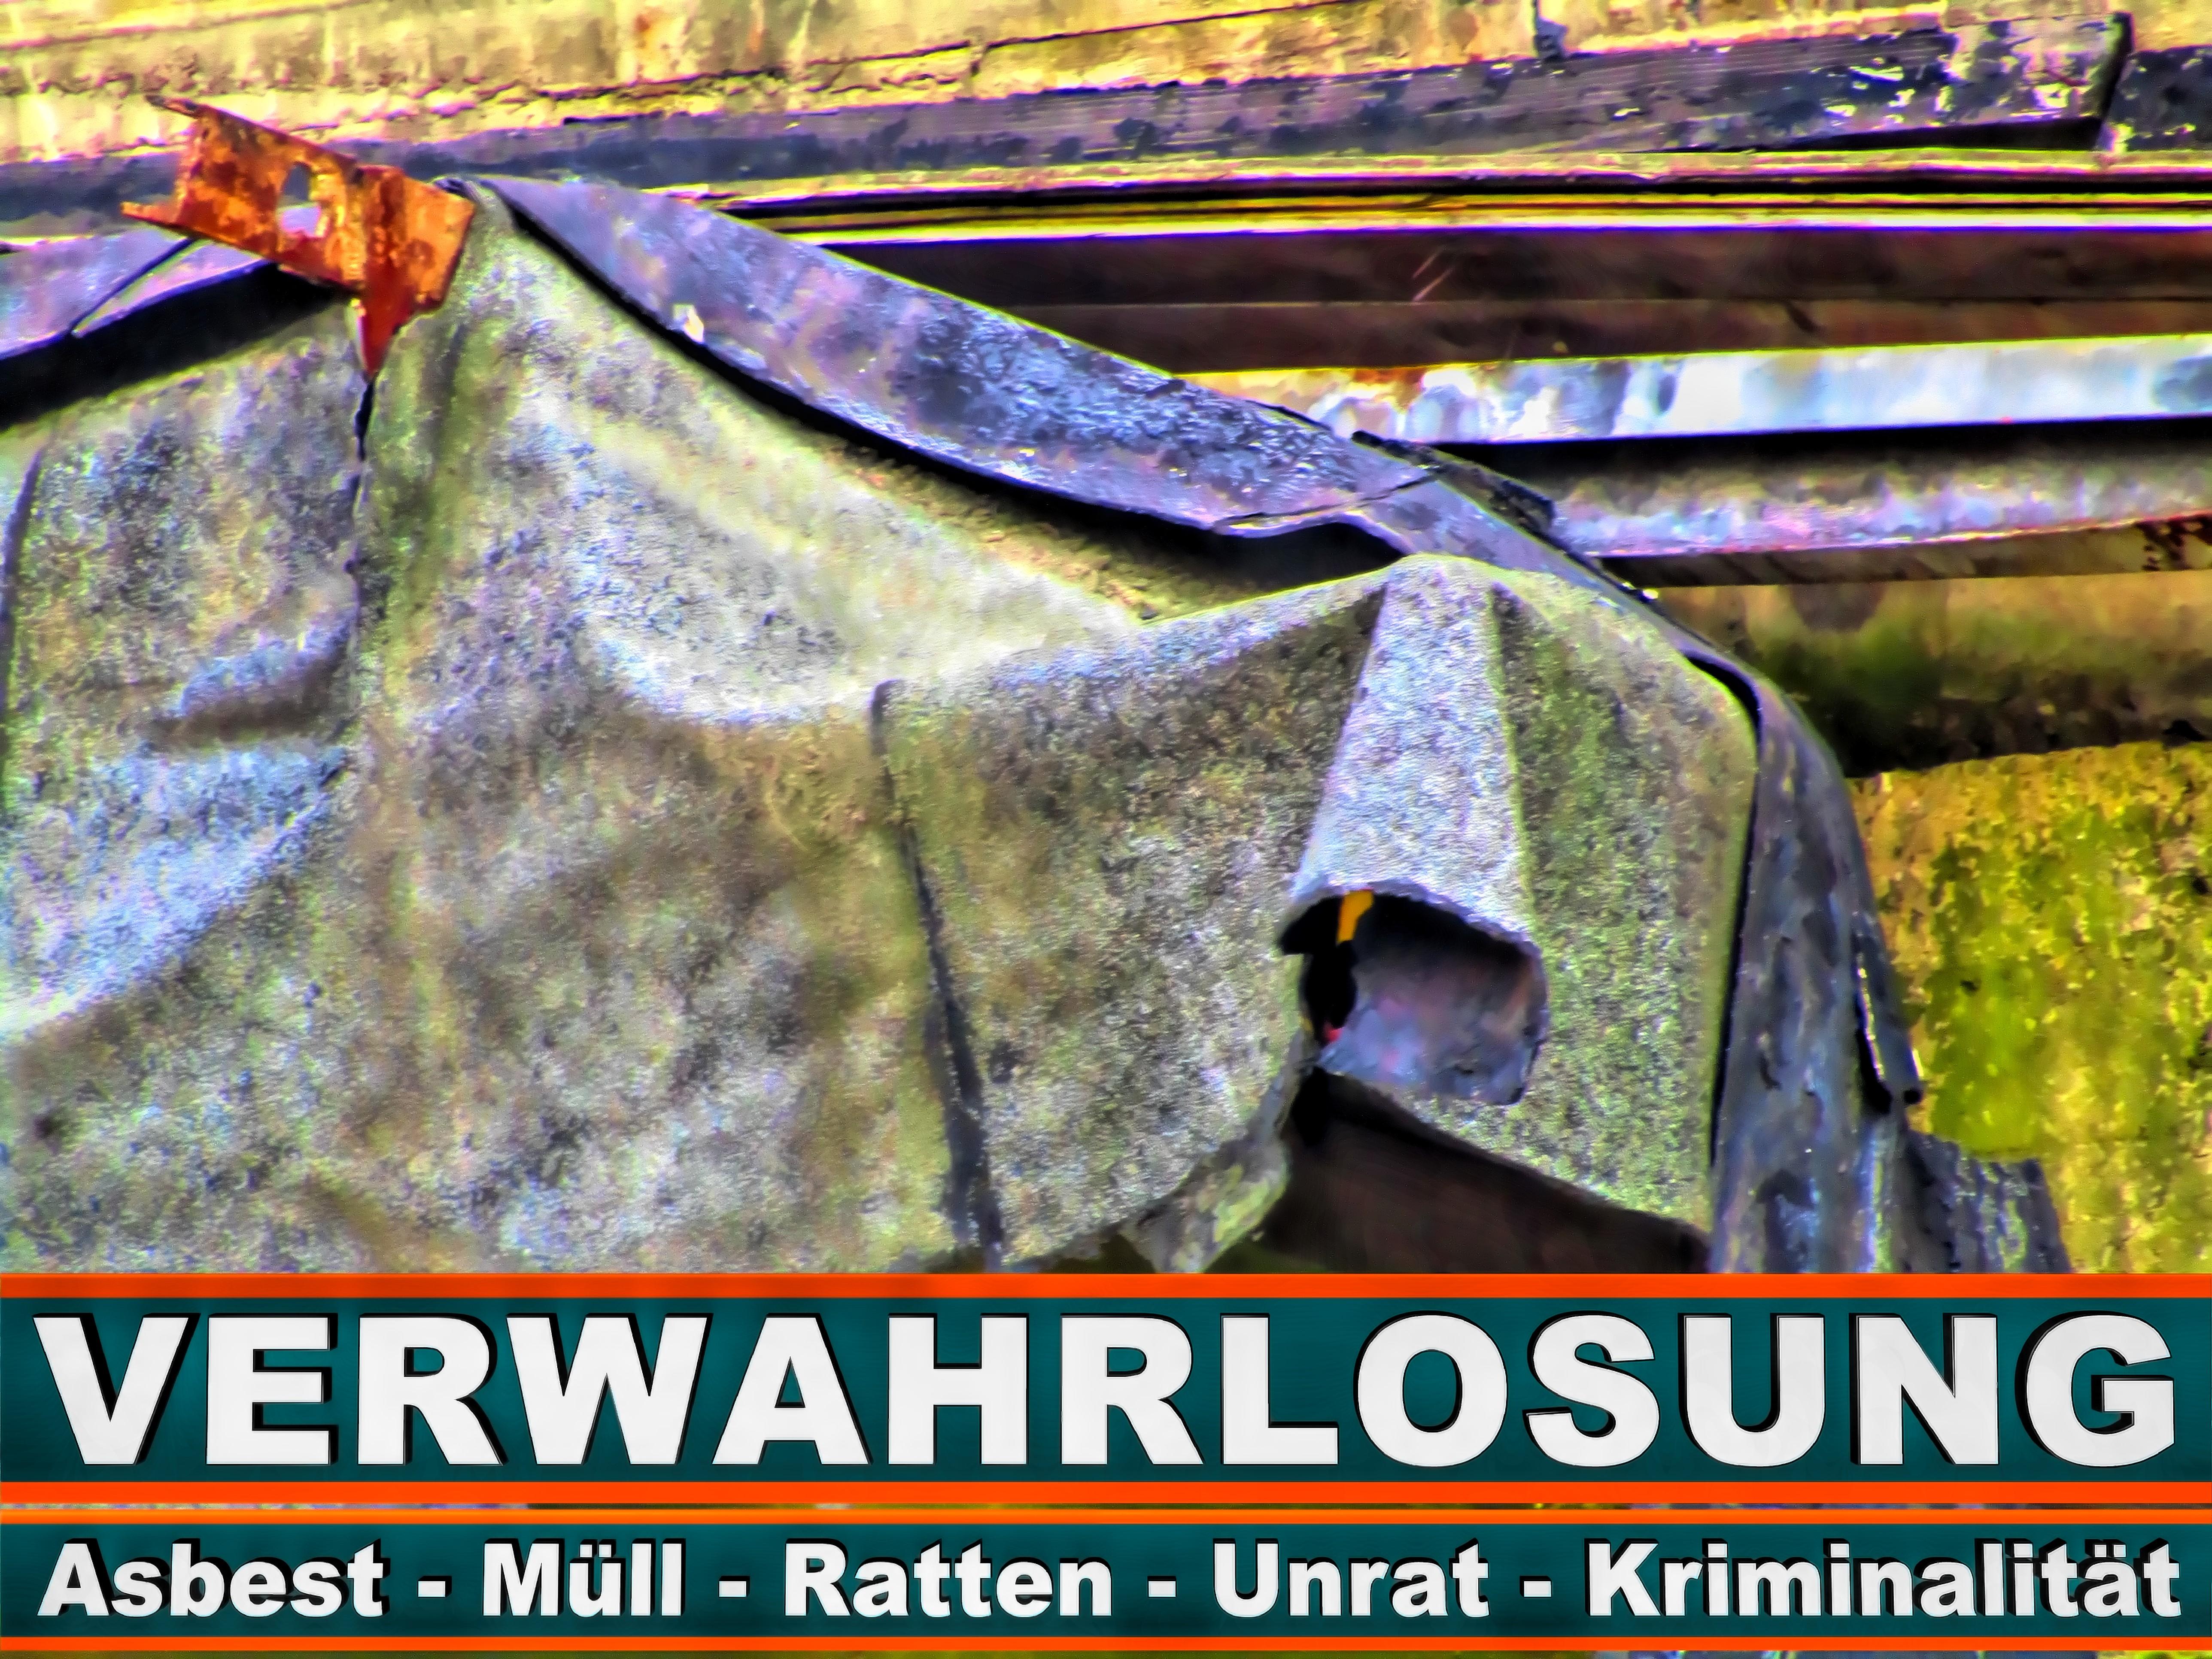 Öko Tech Park Bielefeld CTL CHEMISCH TECHNOLOGISCHES LABORATORIUM BI Kerry Prior Krackser Str 12 008